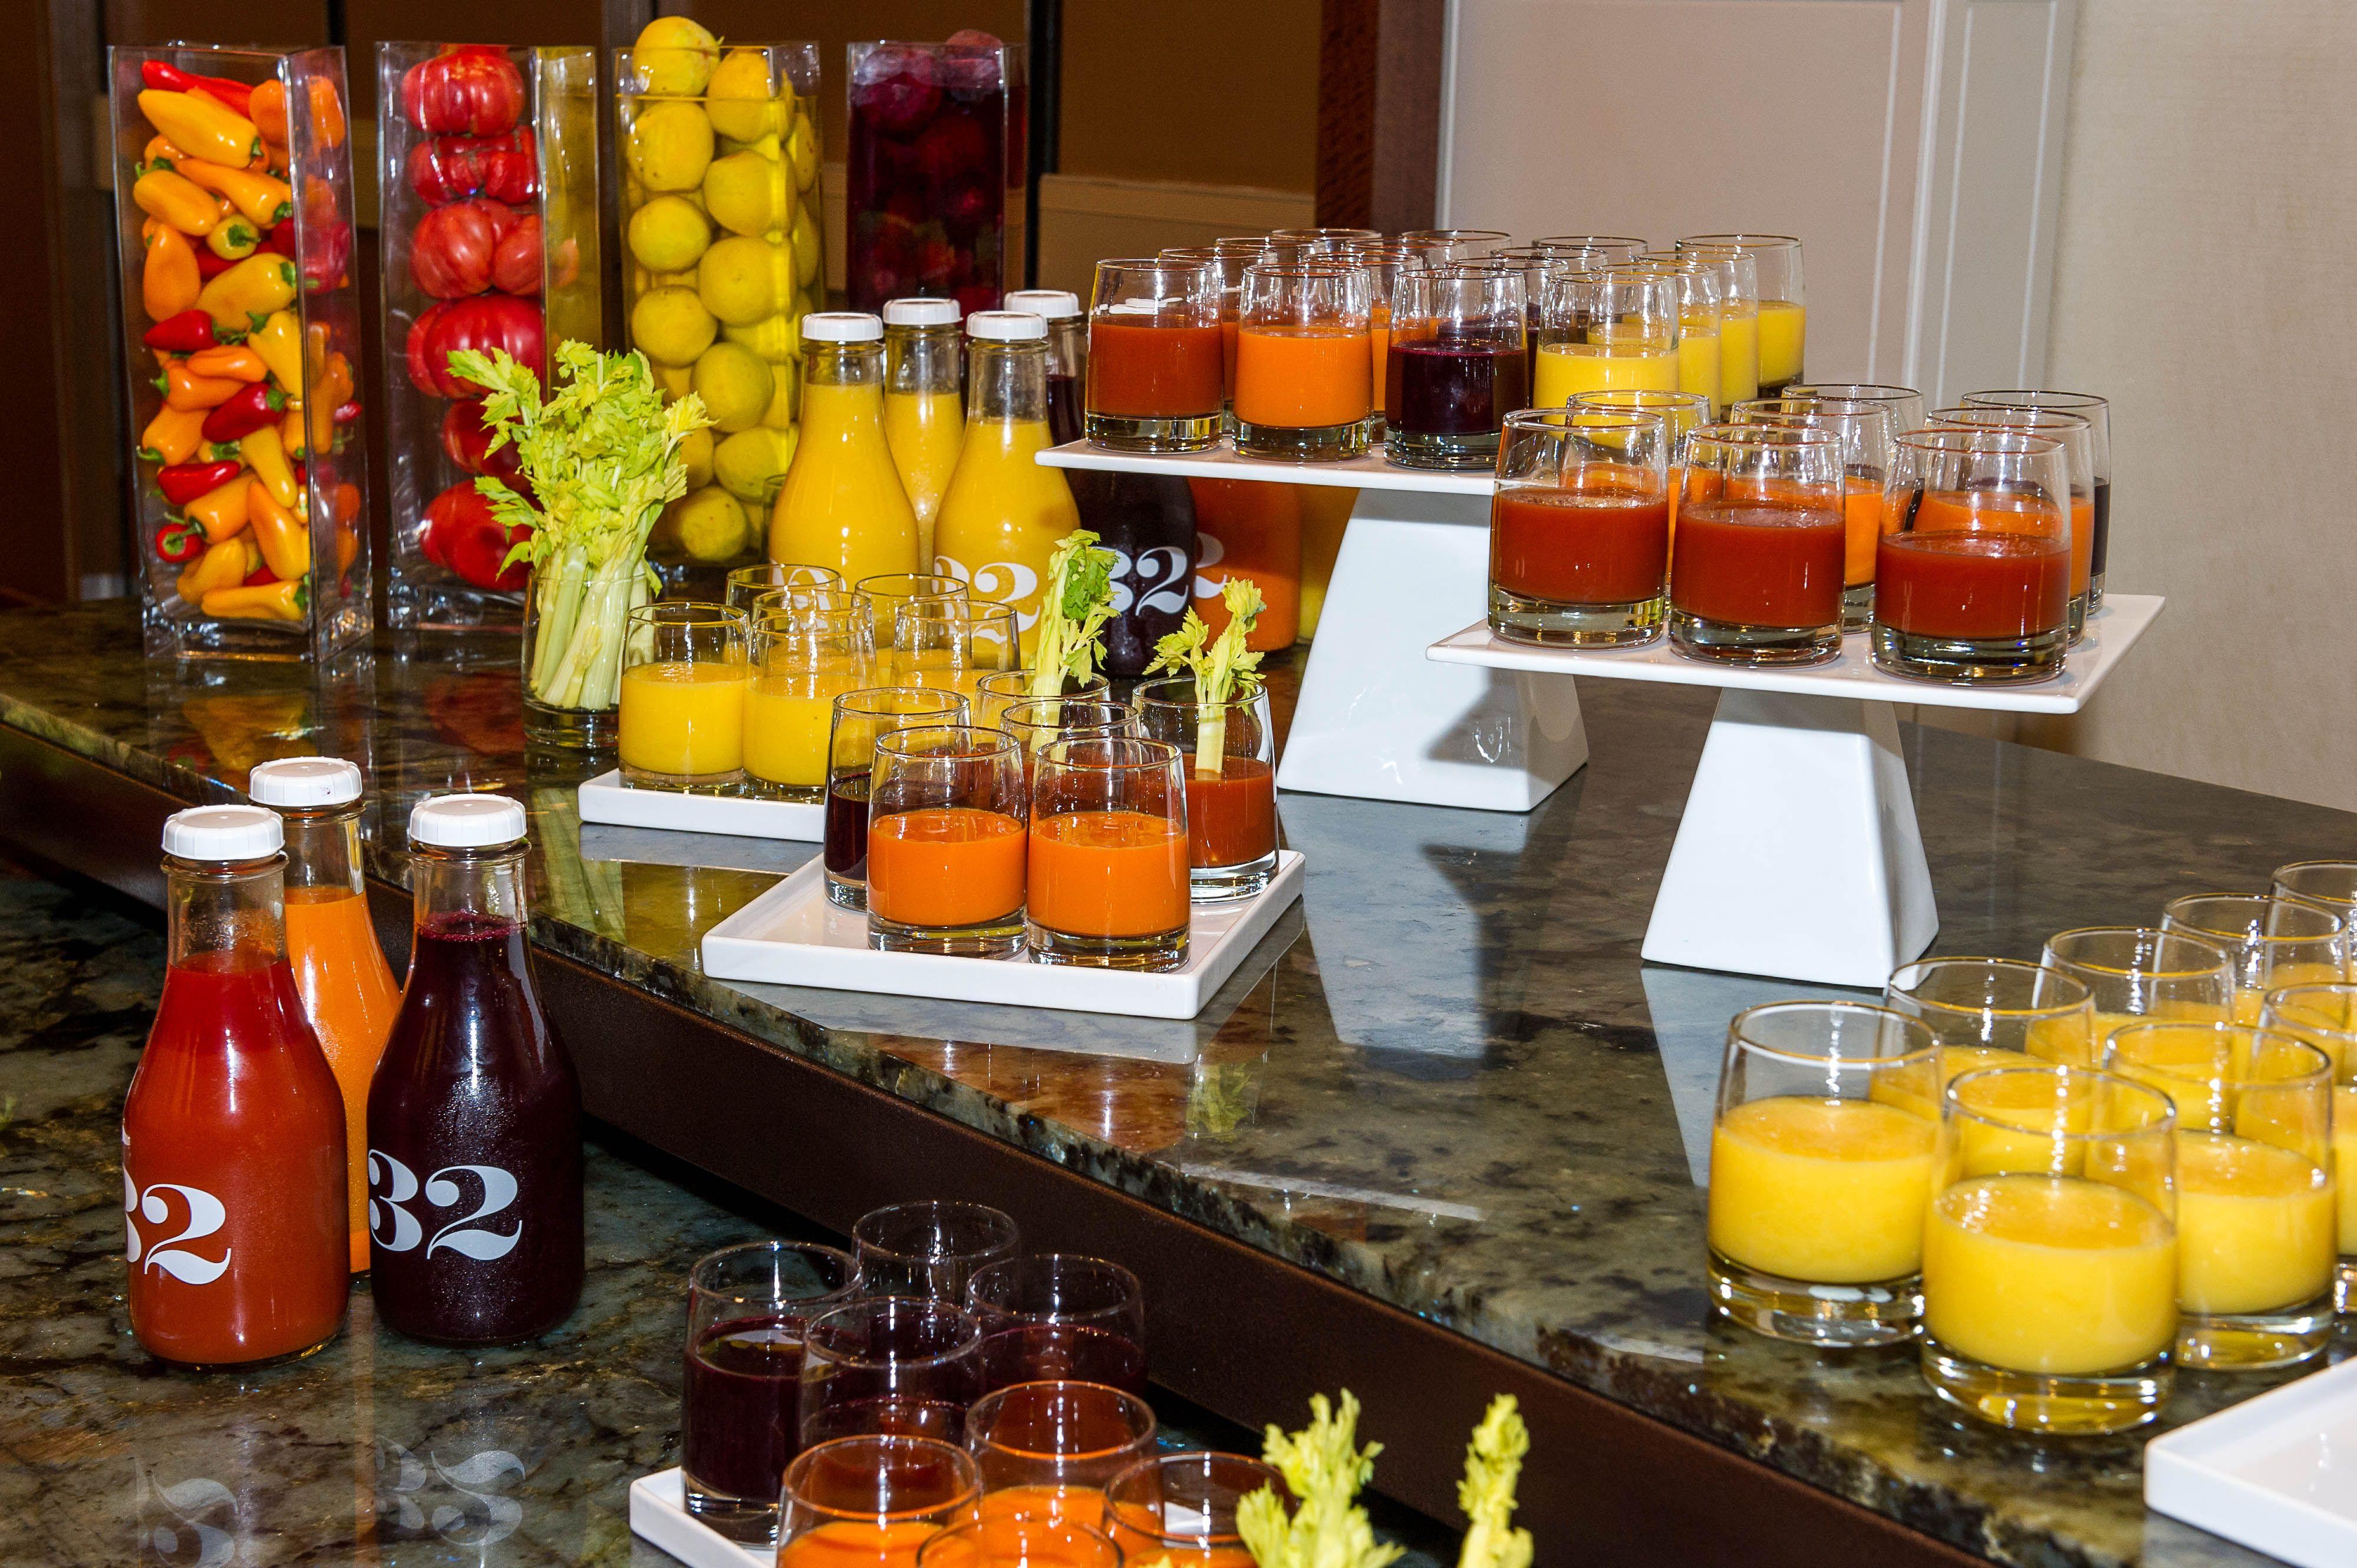 Meeting Juice Break at Hyatt Regency Atlanta Buffet